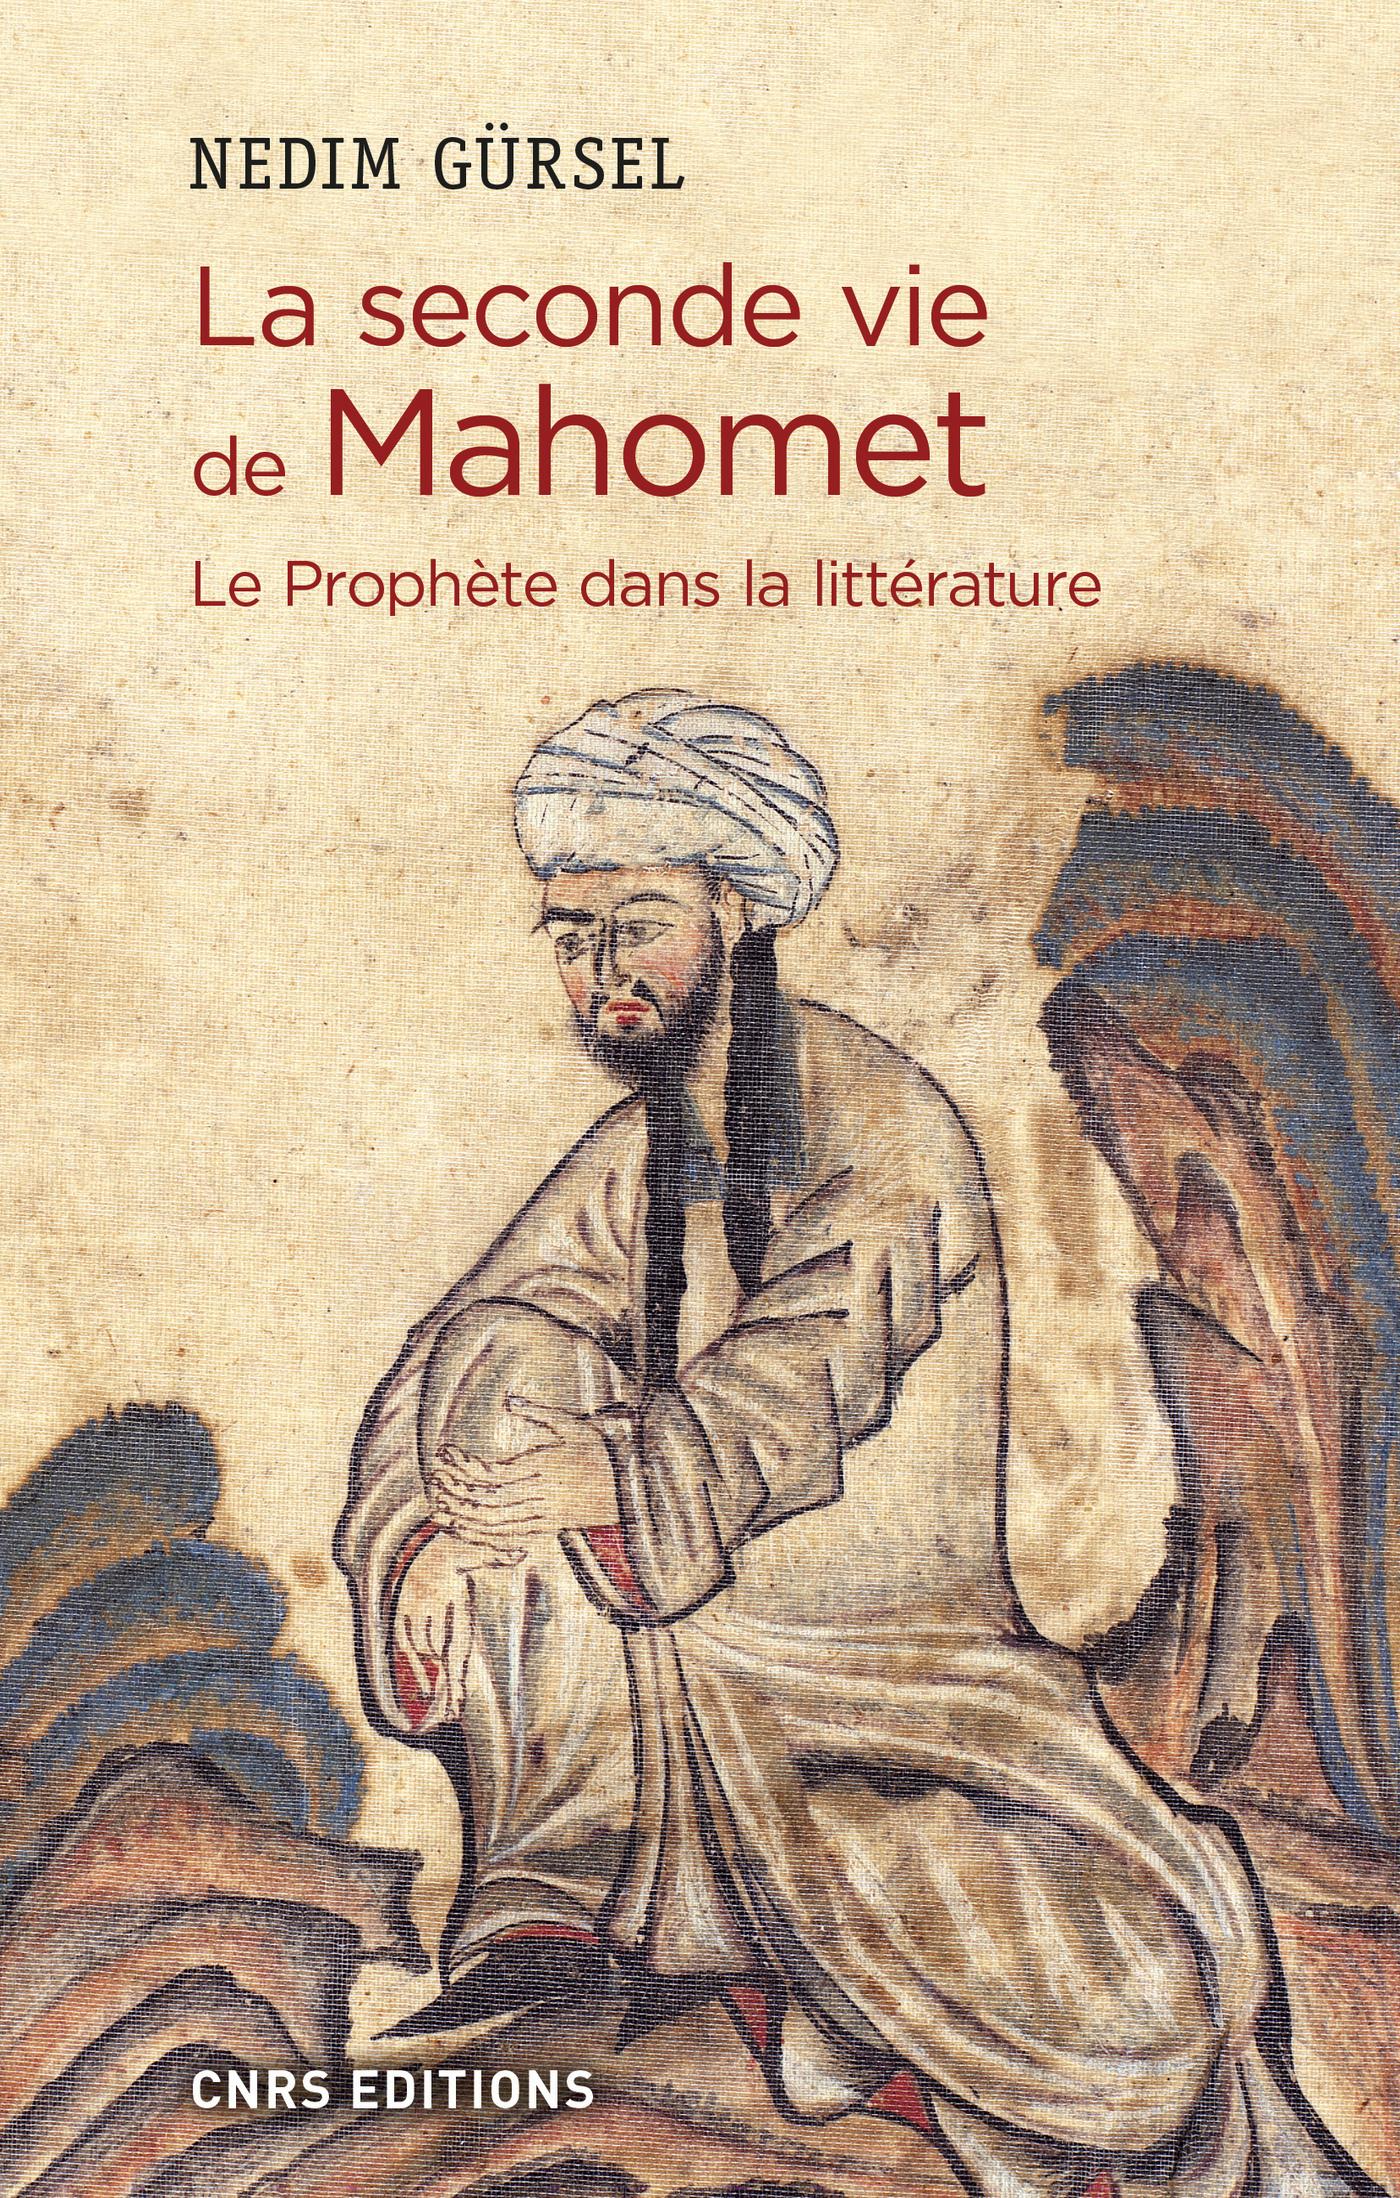 La seconde vie de Mahomet. Le prophète dans la littérature